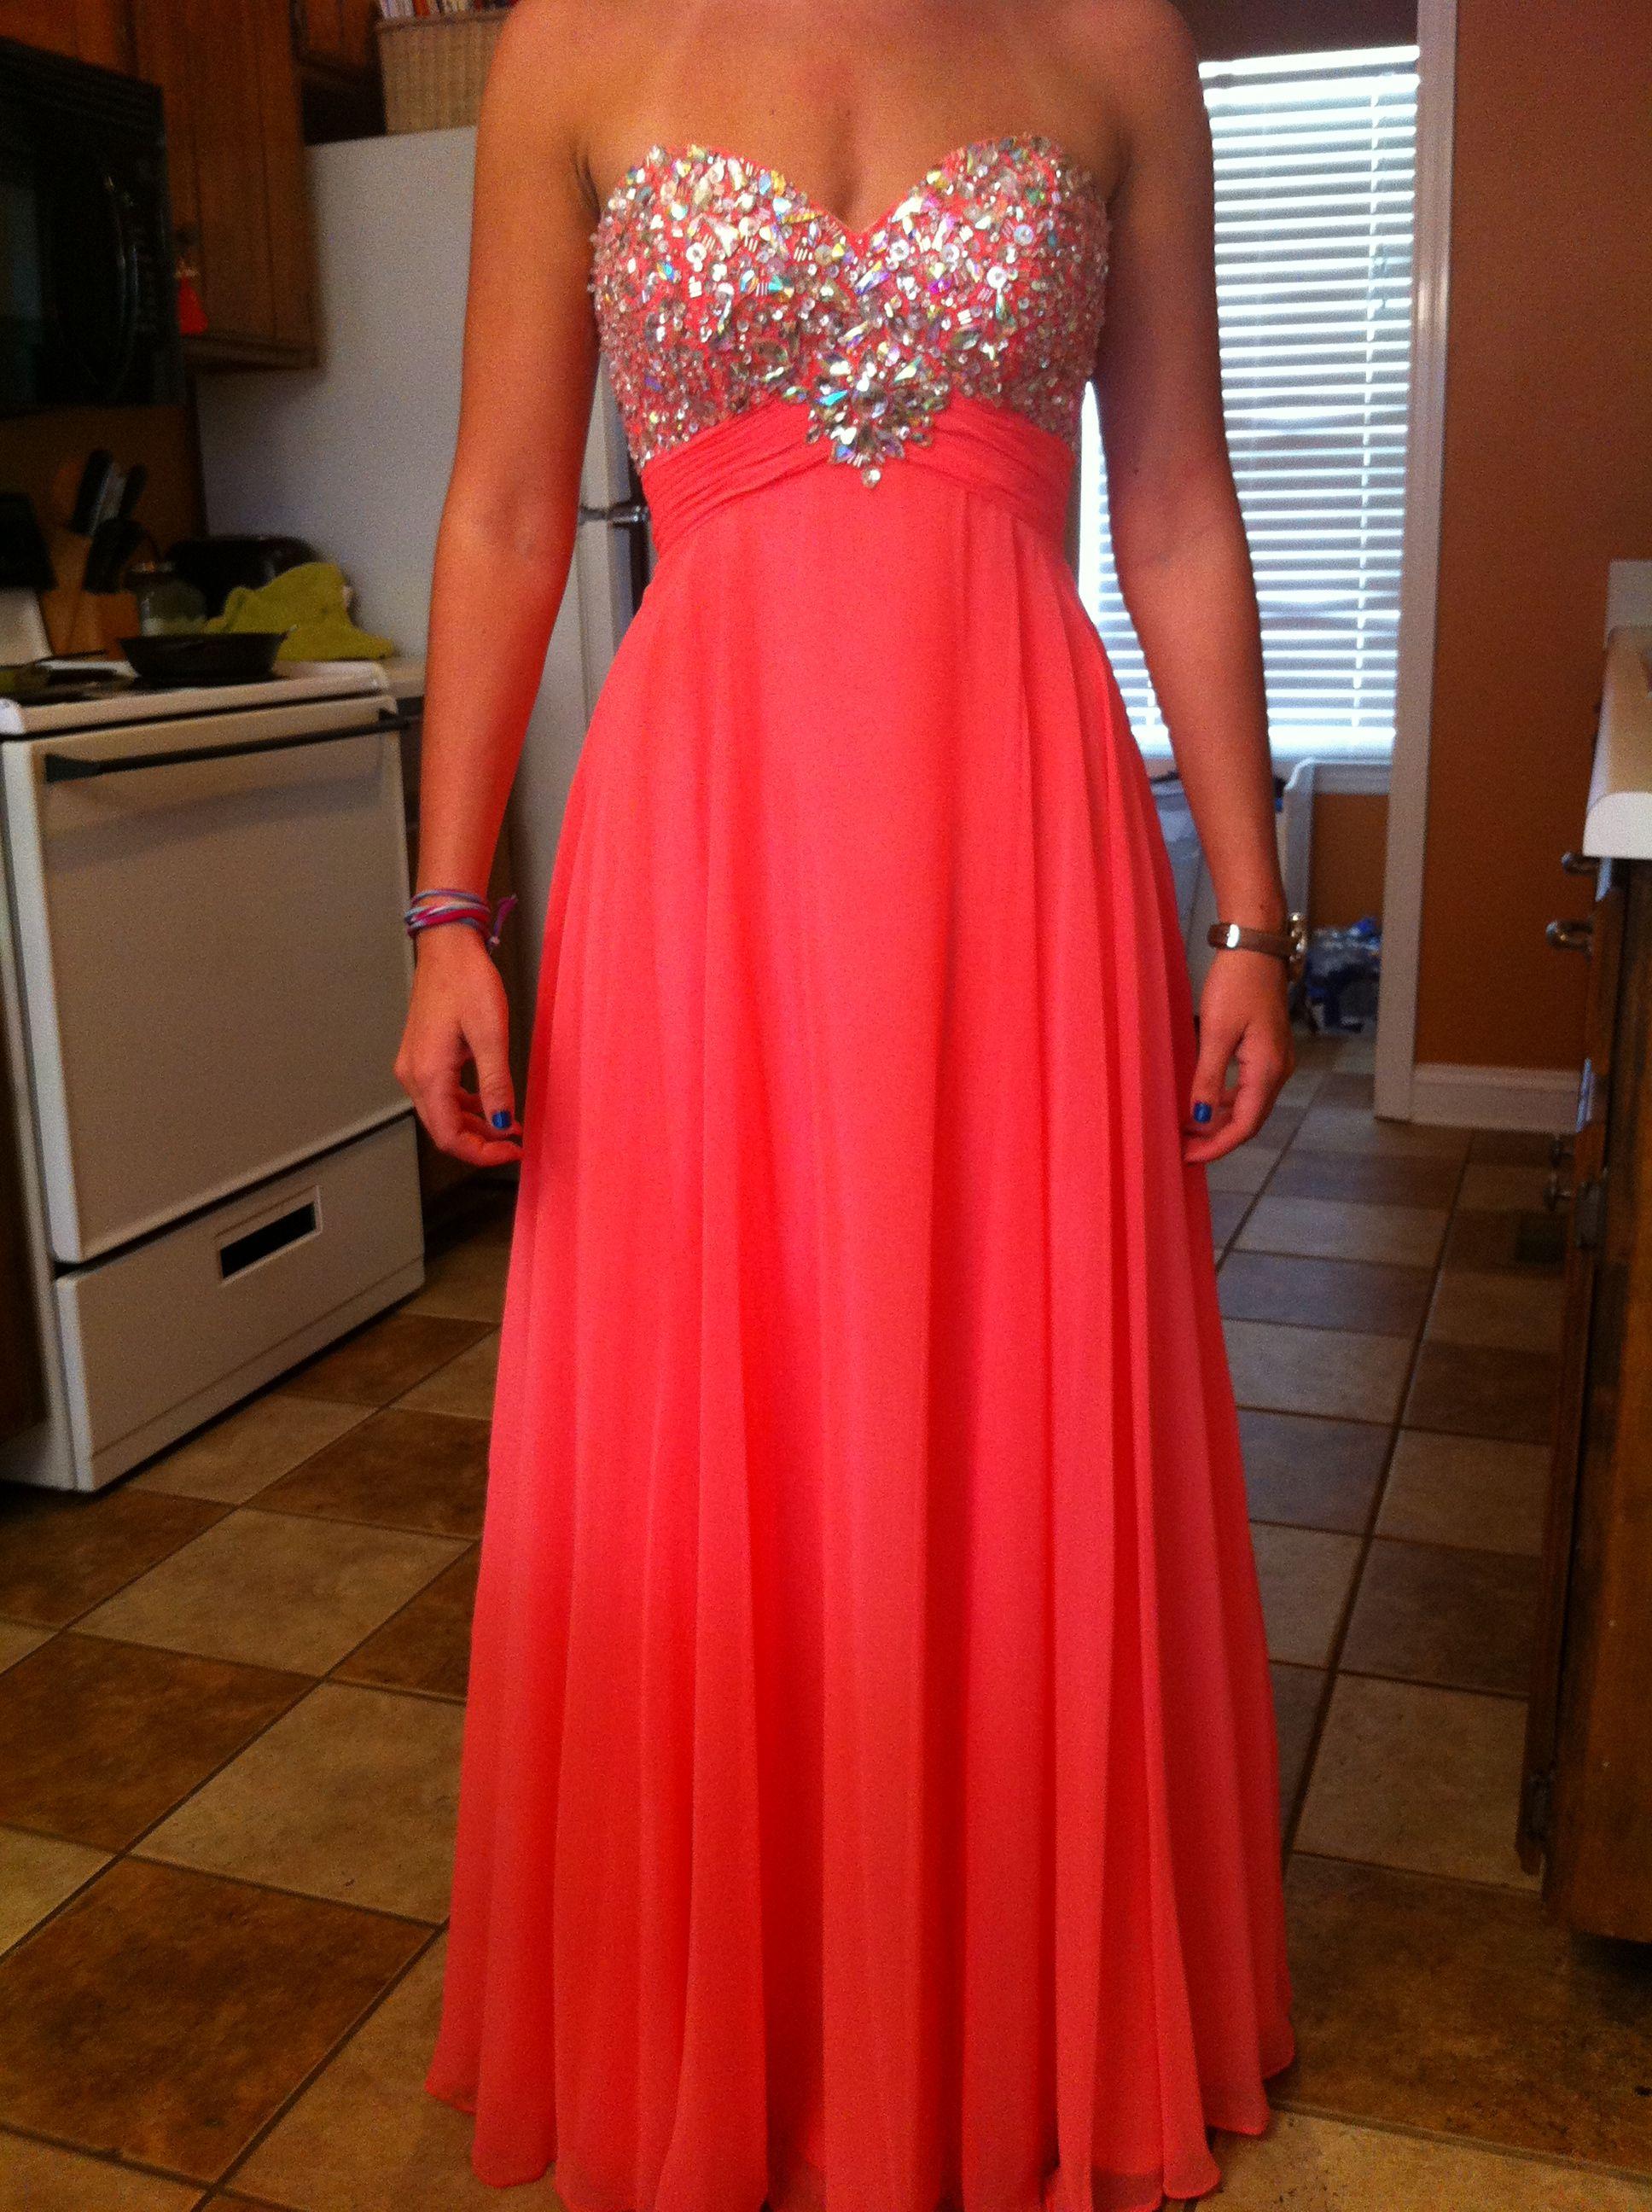 Prom Dresses For Sale Craigslist - raveitsafe